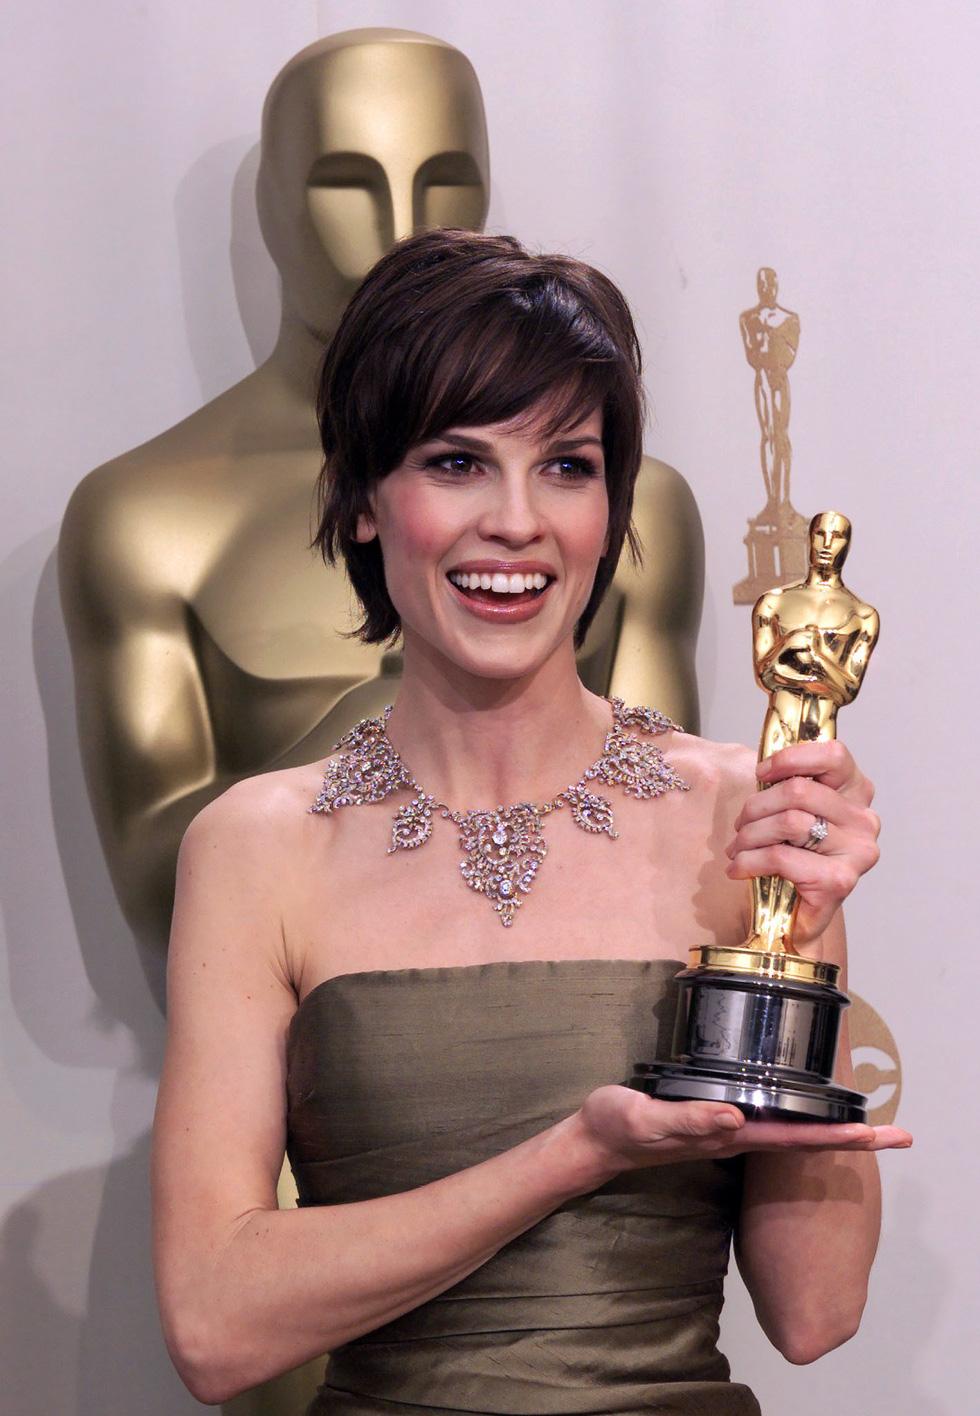 Những điều thú vị quanh Oscar của các ngôi sao nữ 90 năm qua - Ảnh 4.